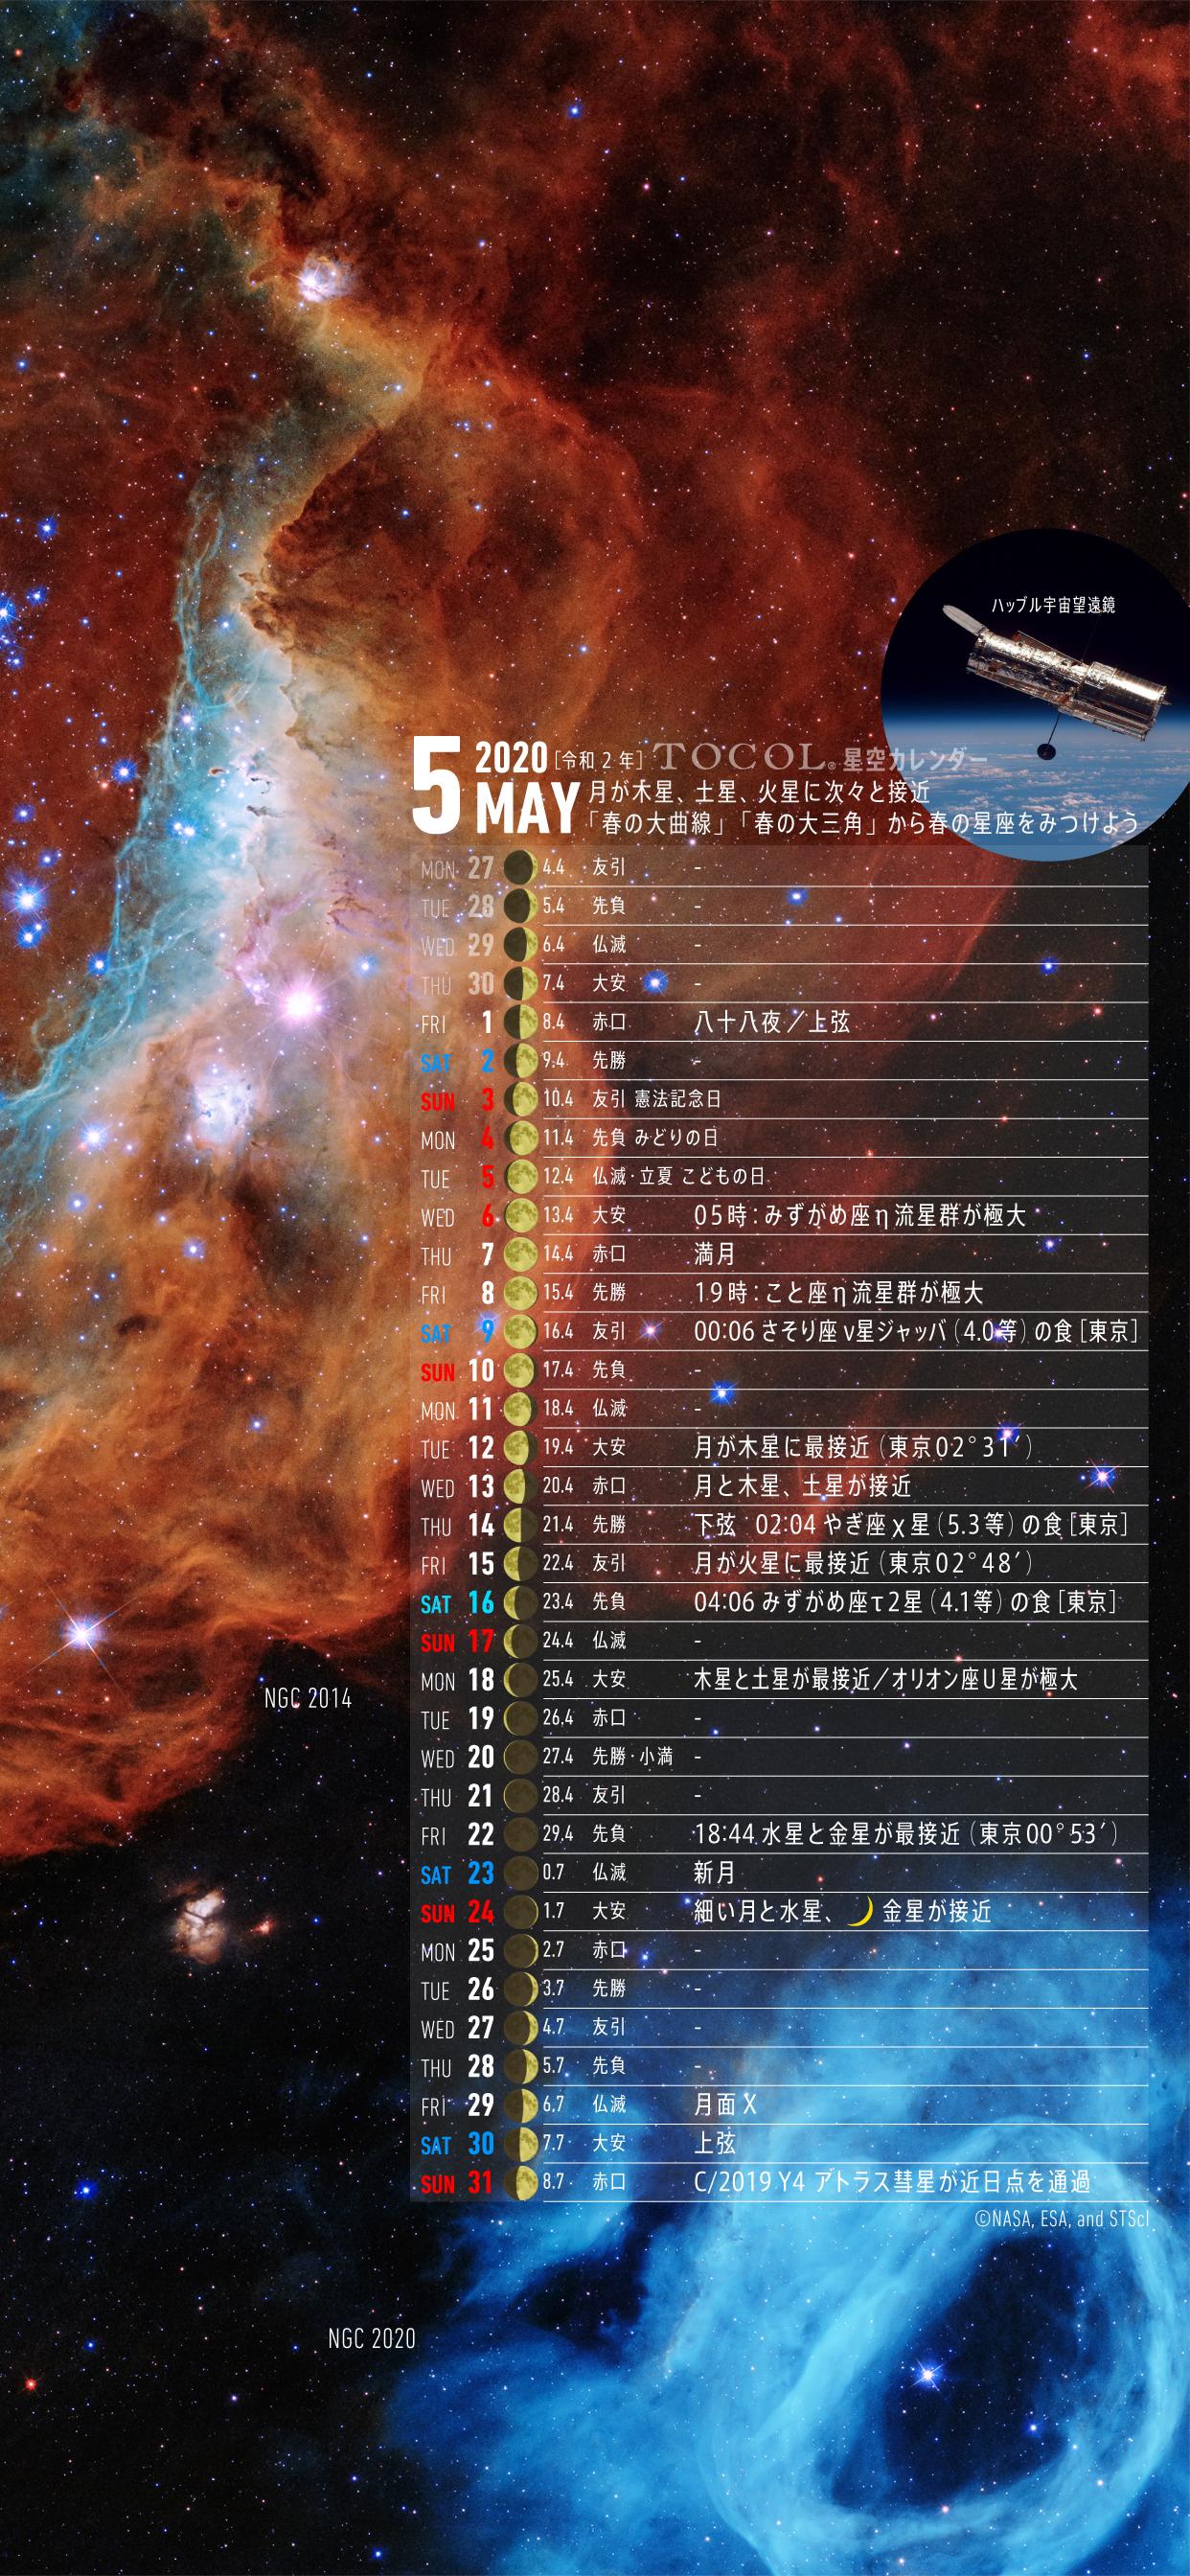 星空カレンダー 壁紙 Panda ユニバーサルデザイン スマホ天体望遠鏡 Tocol Artcrafts